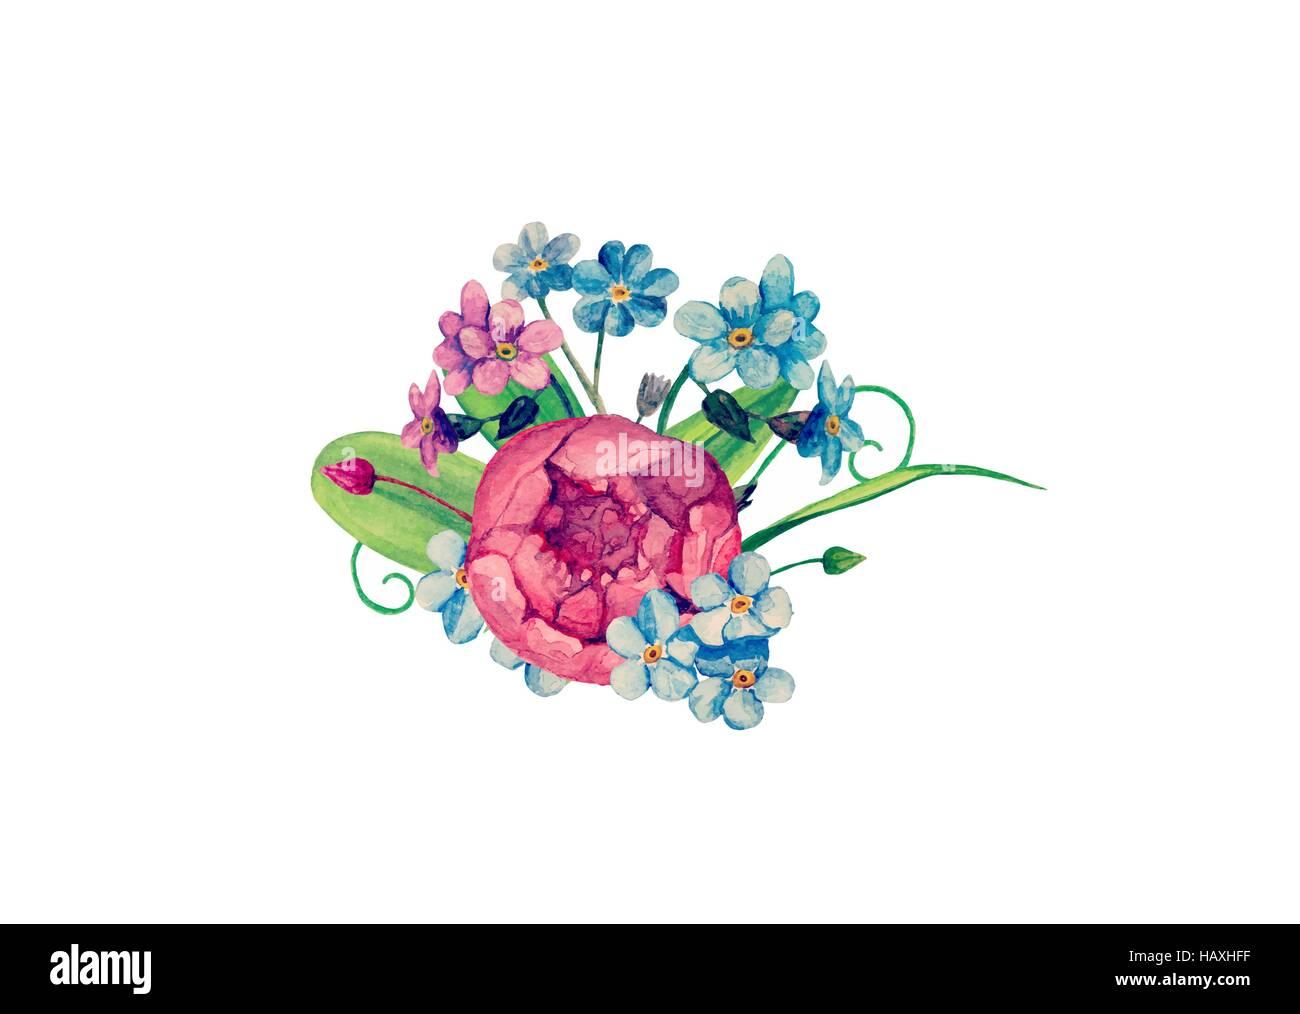 Watercolor Bouquet Vector Handpainted Flowers Clip Art Stock Vector